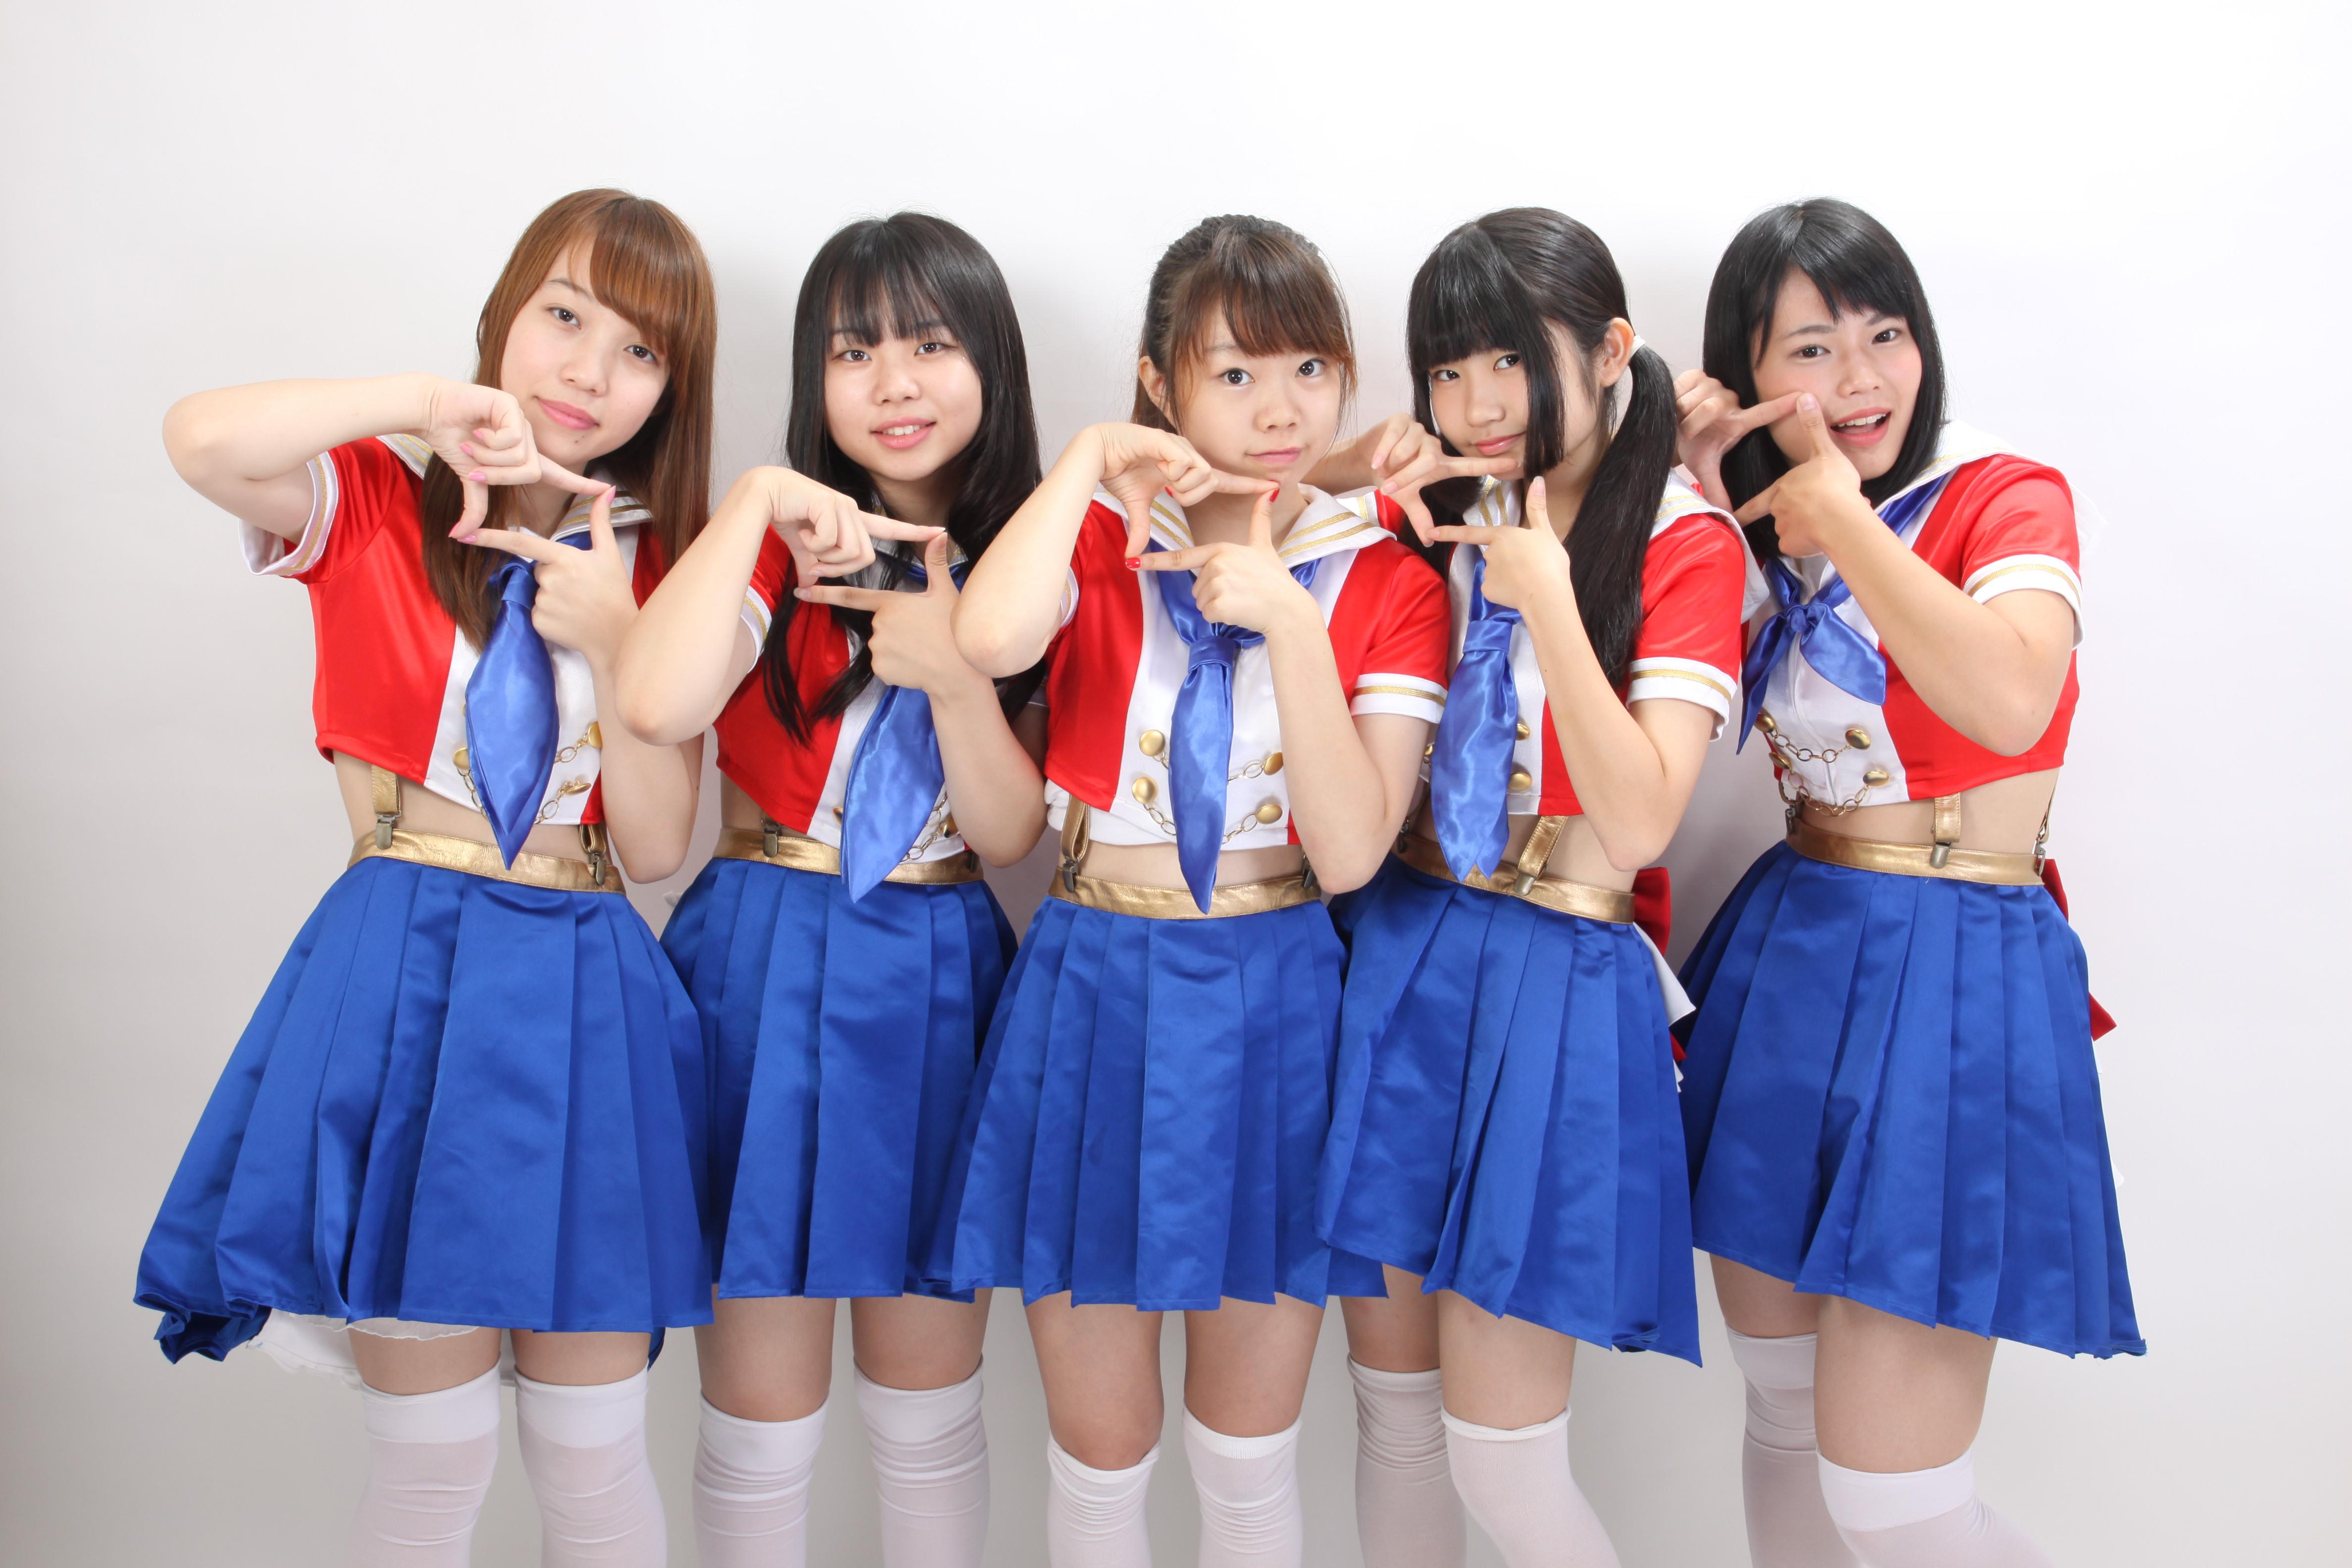 アイドル「放課後ラブレター」新メンバー募集